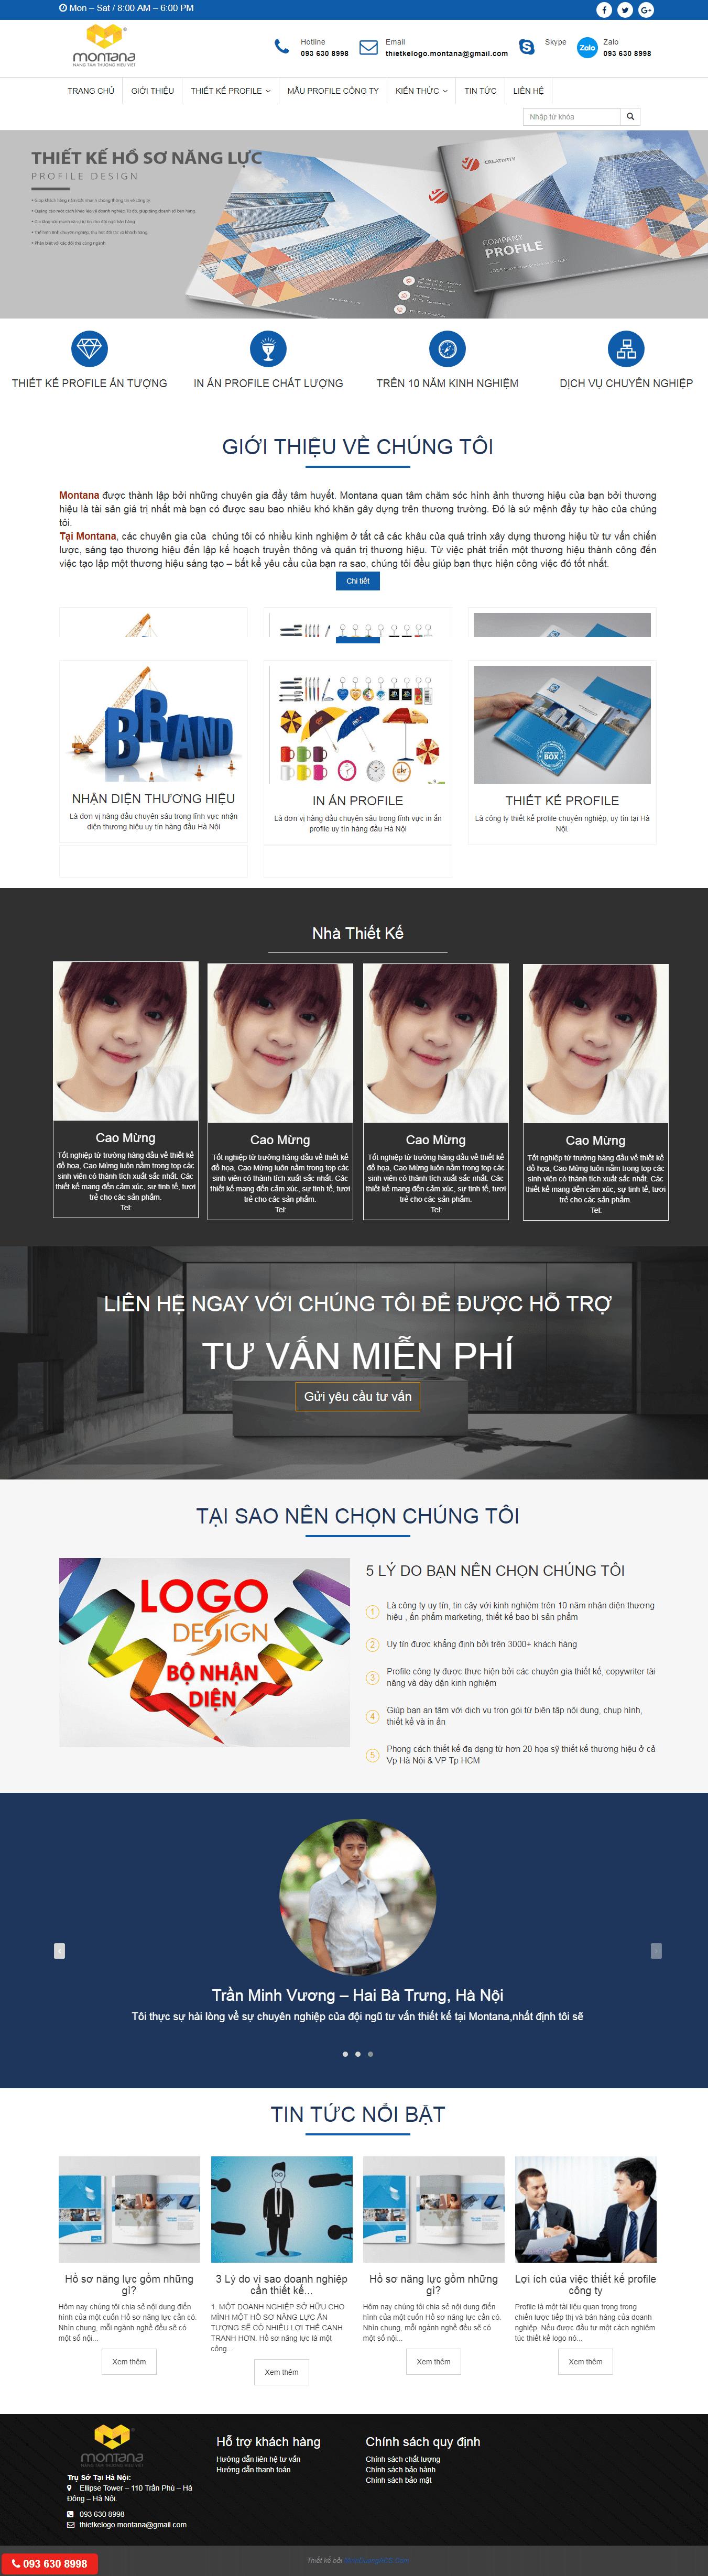 thiết kế website nhận diện thương hiệu